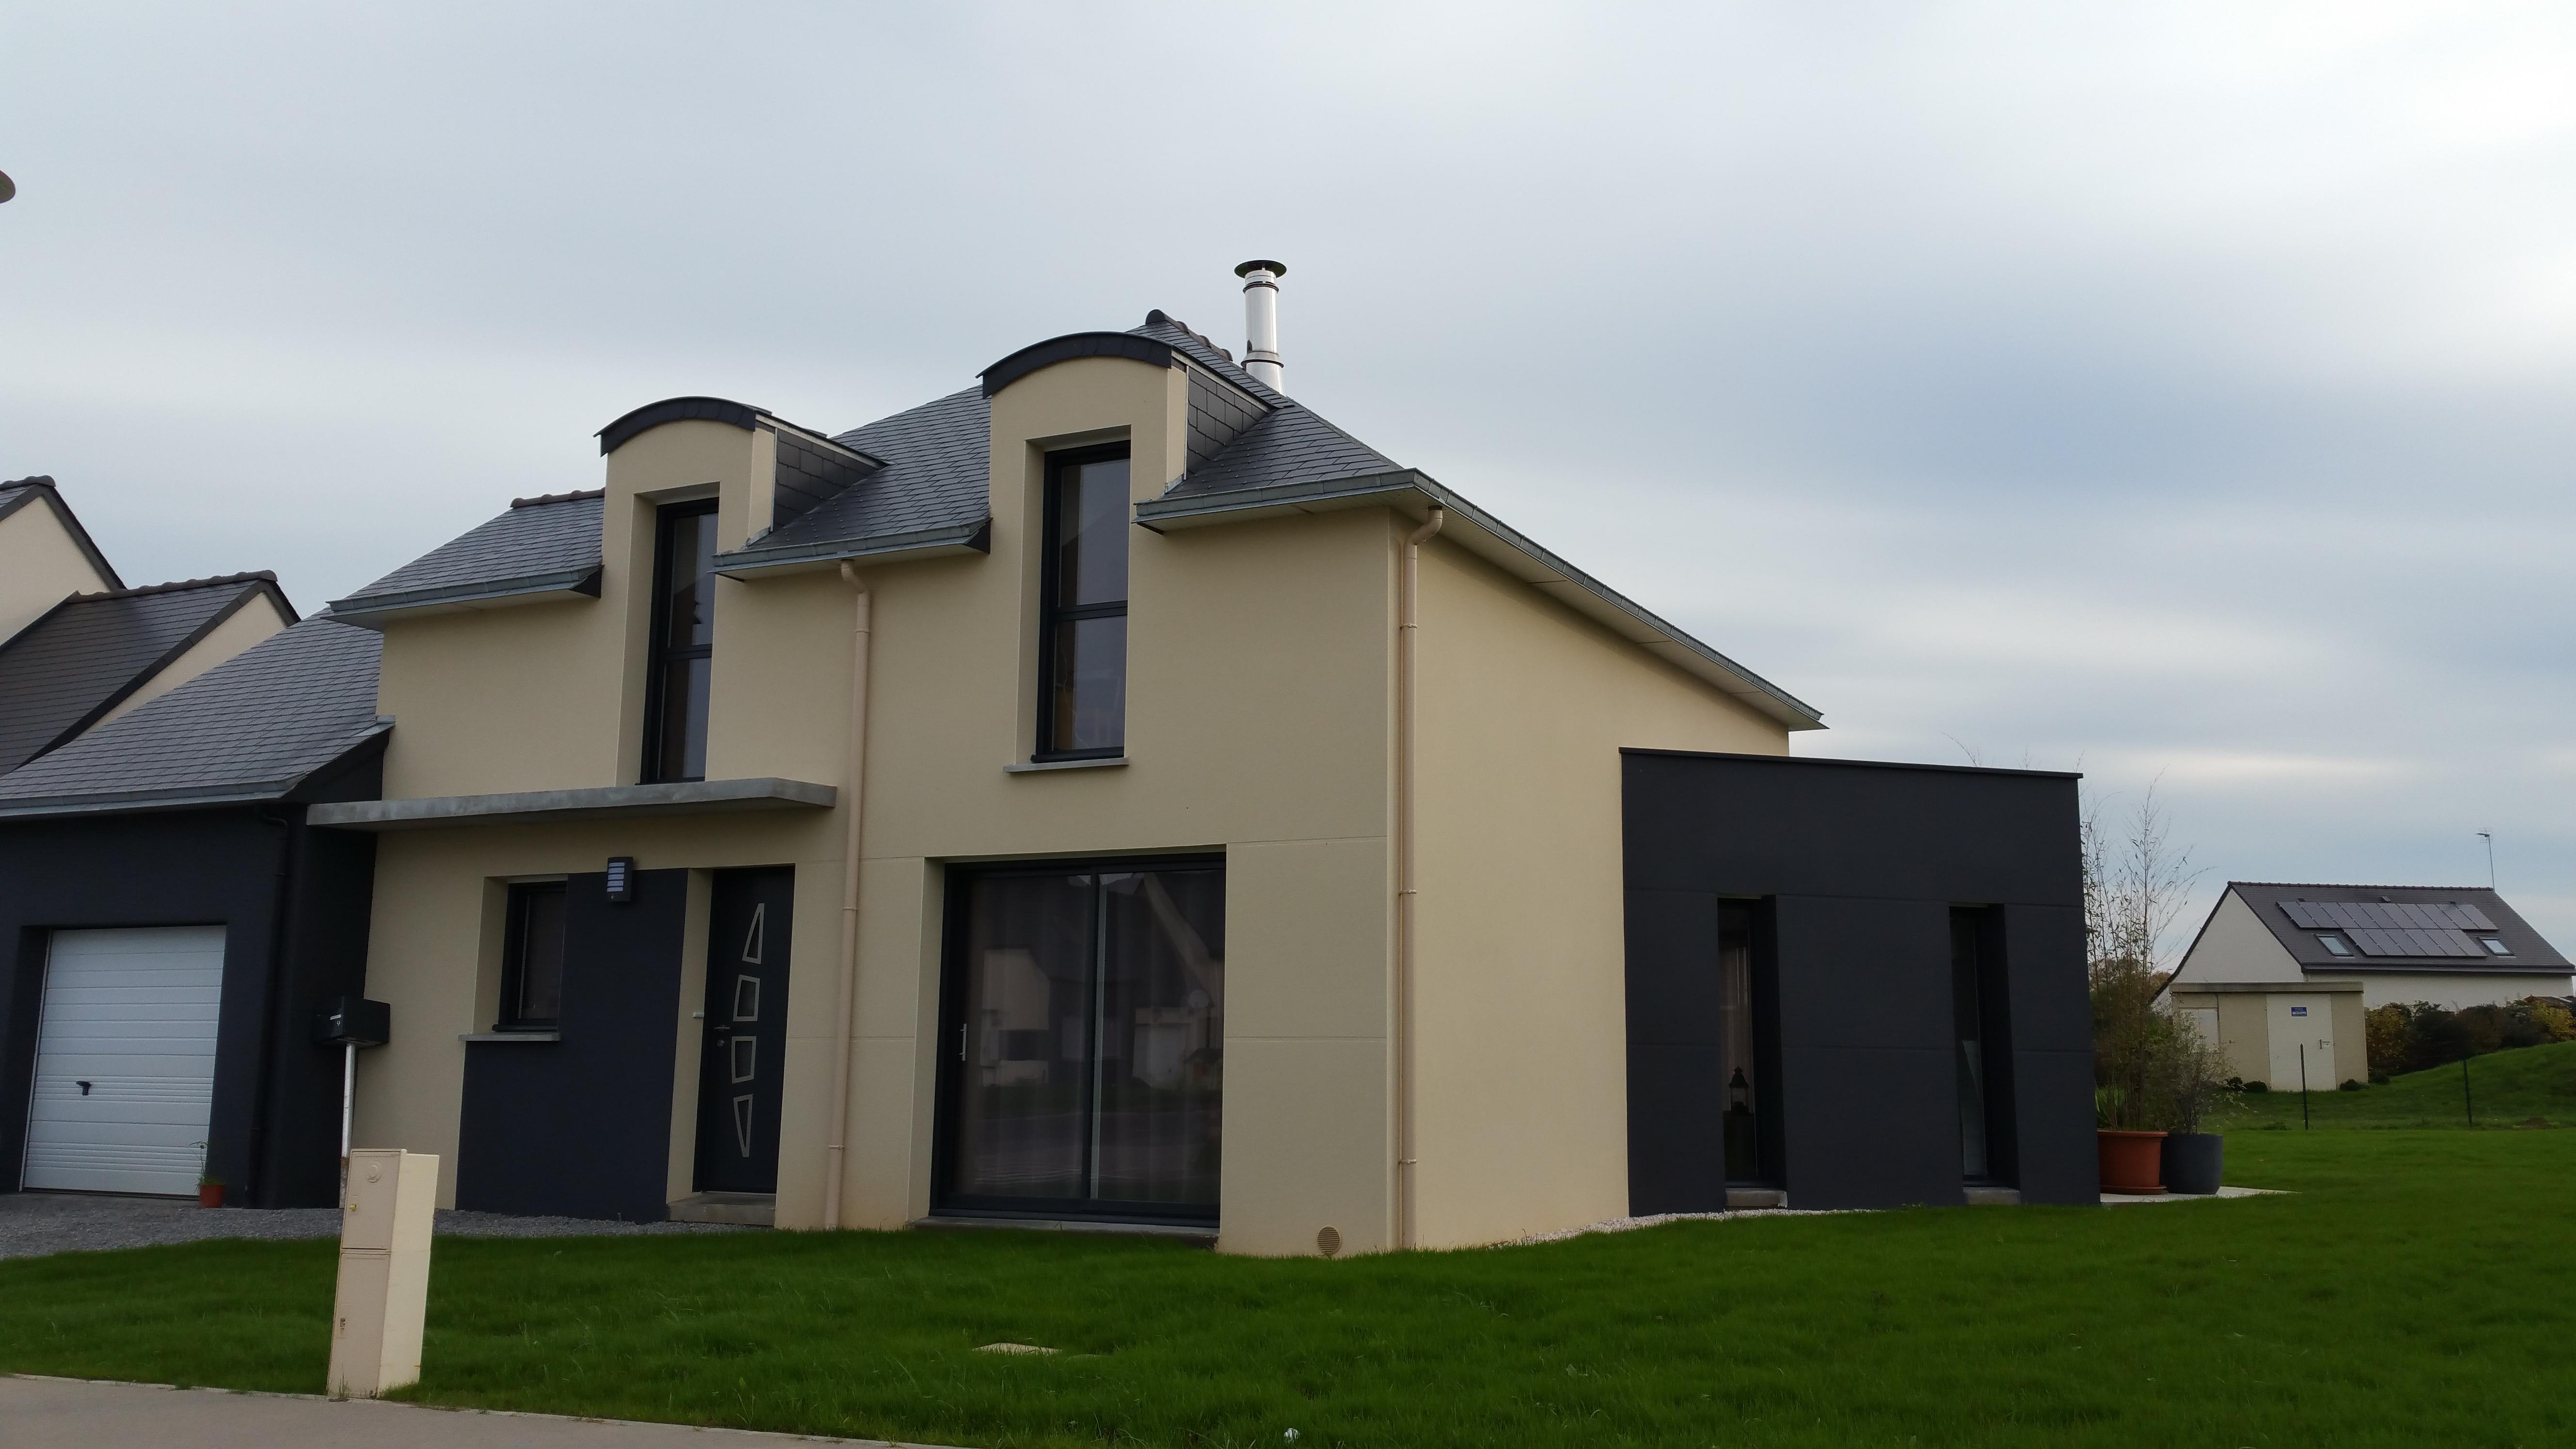 Dbl constructions constructeur maisons individuelles for Constructeur maison contemporaine rennes